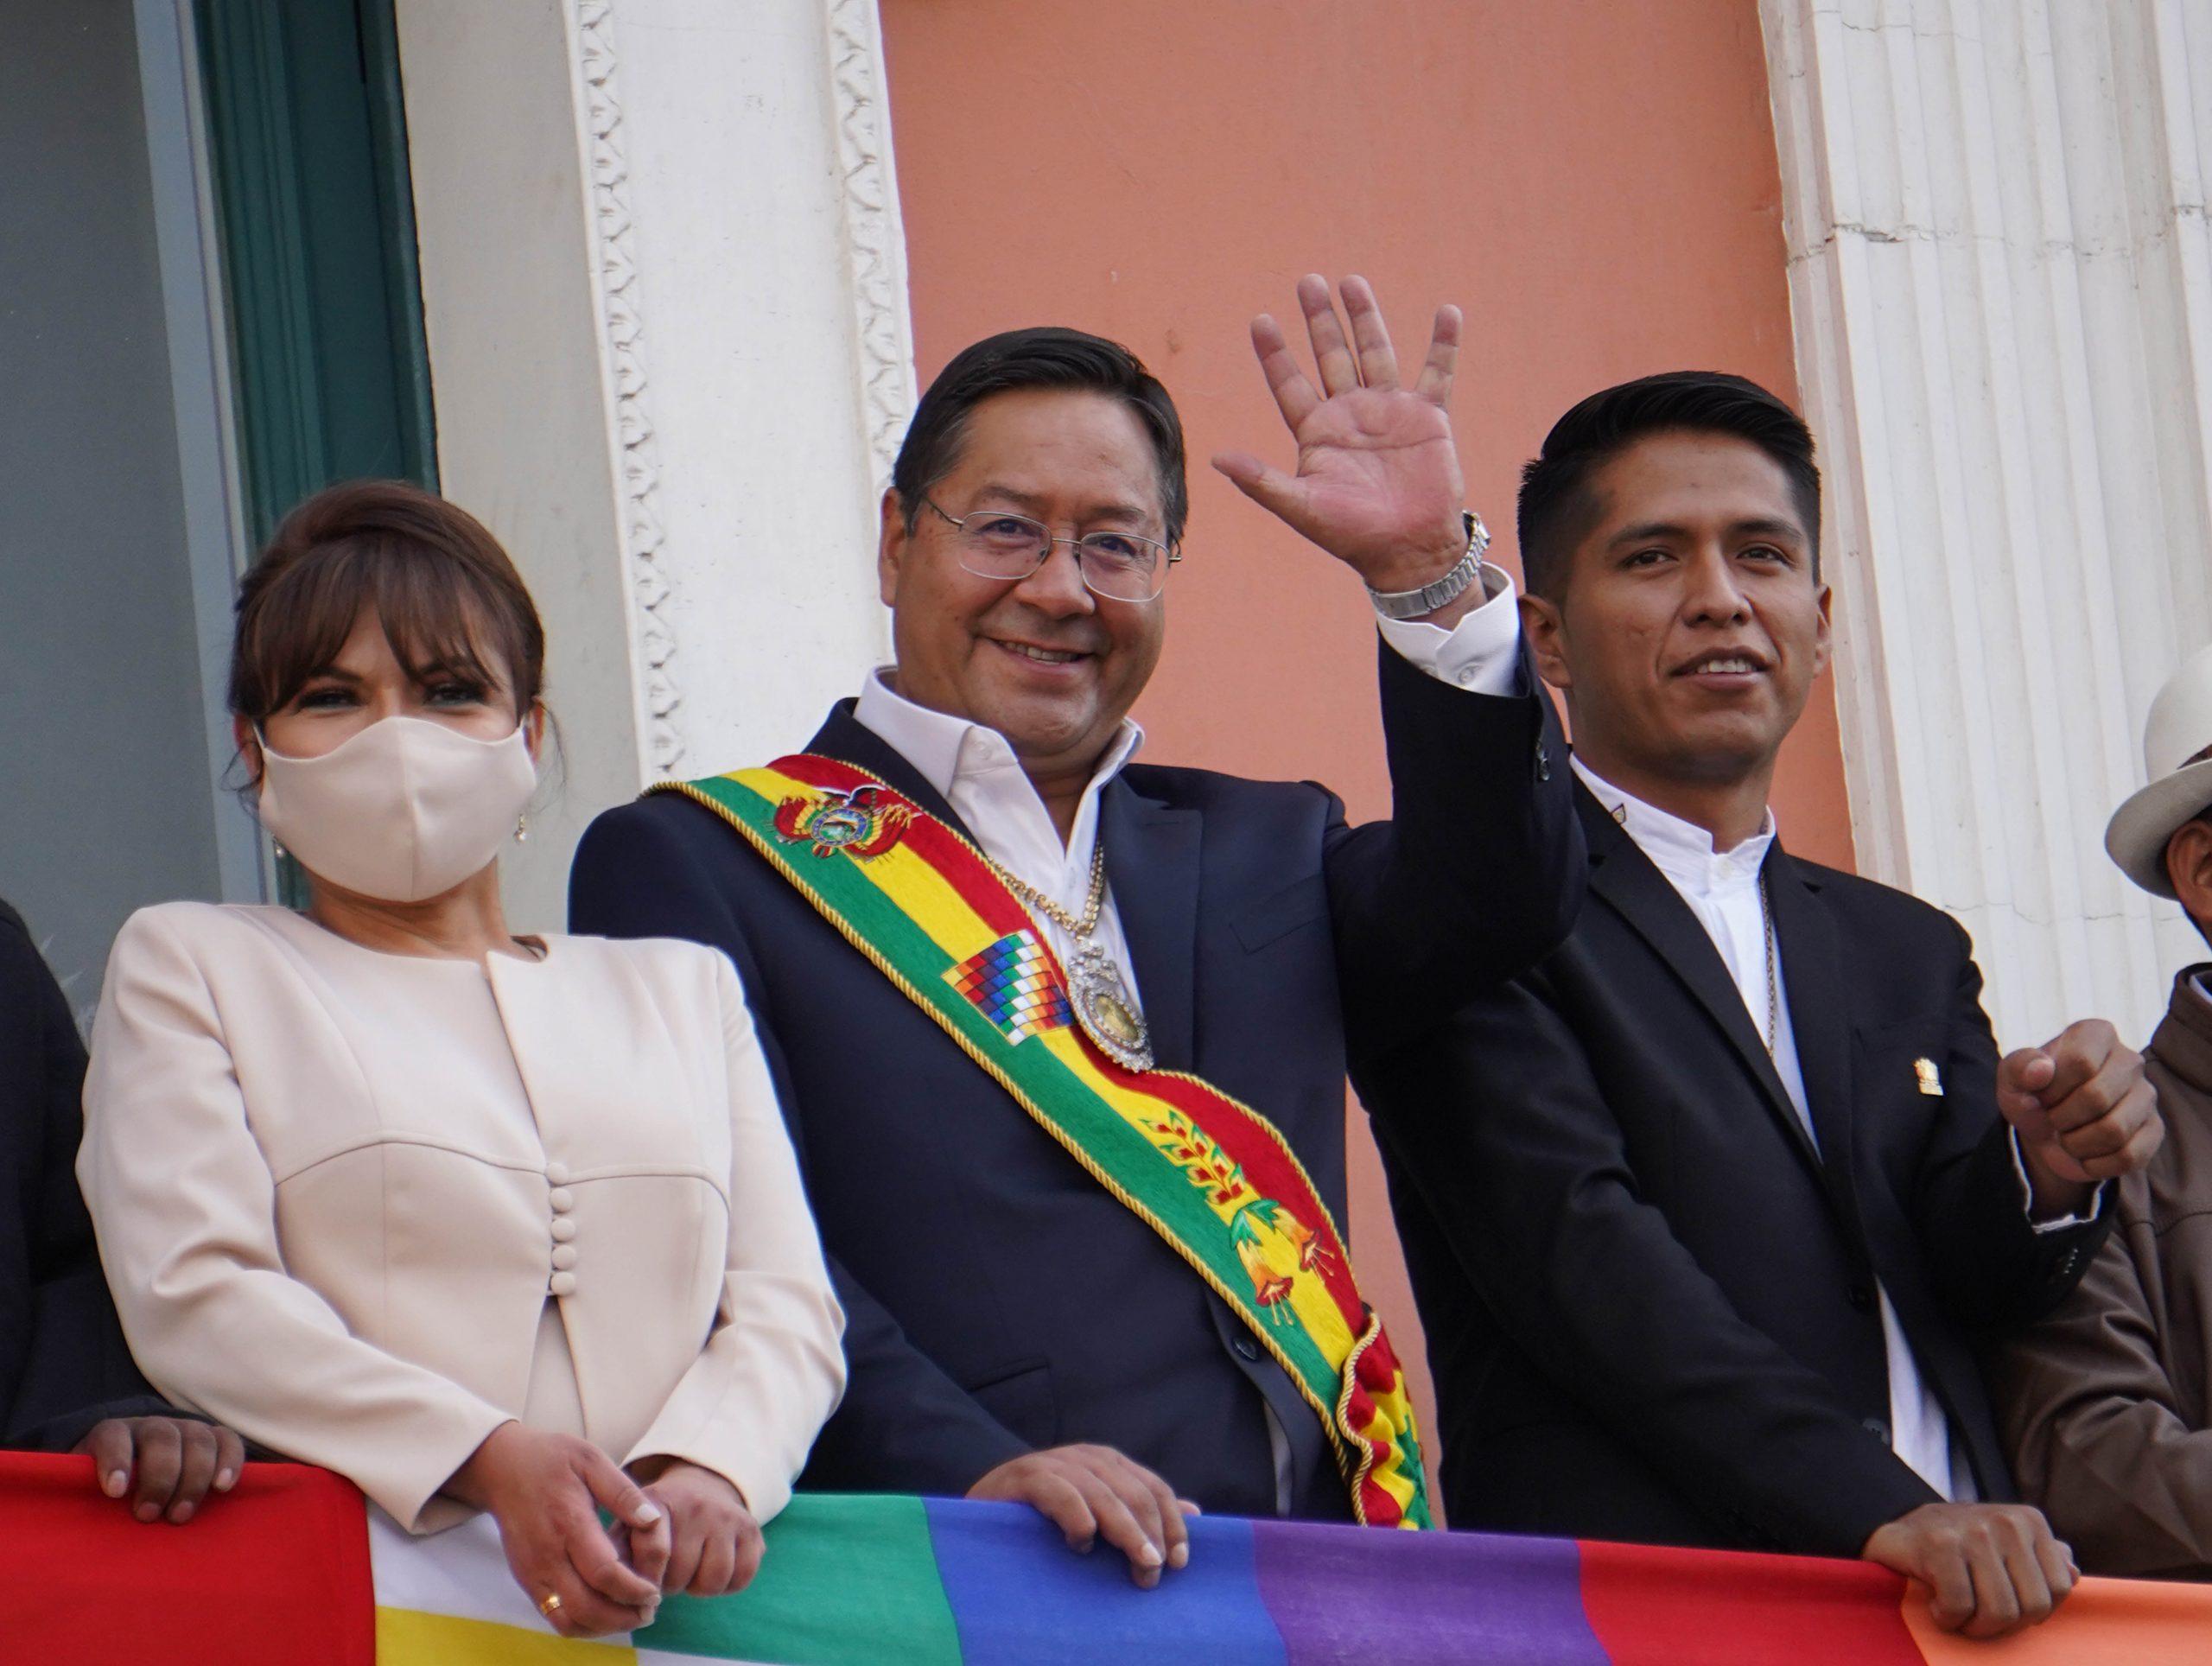 A él sí: AMLO felicita a Luis Arce por su llegada a la presidencia de Bolivia